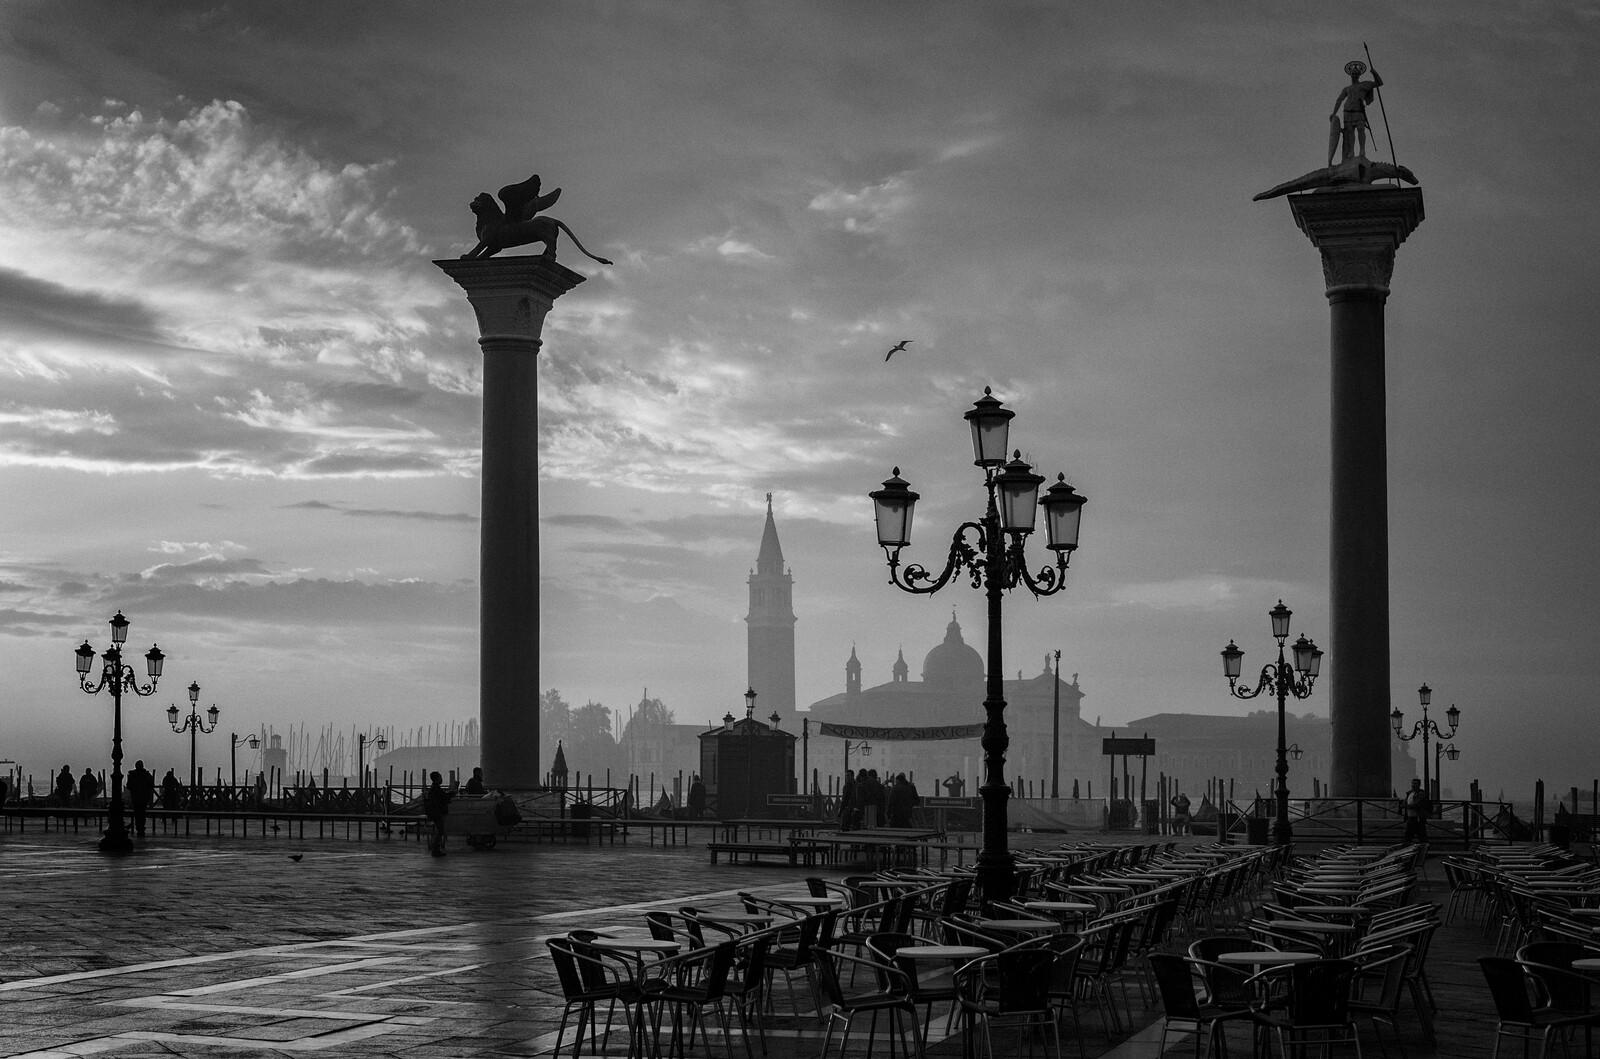 Piazzetta San Marco - Helmut Schlaiß